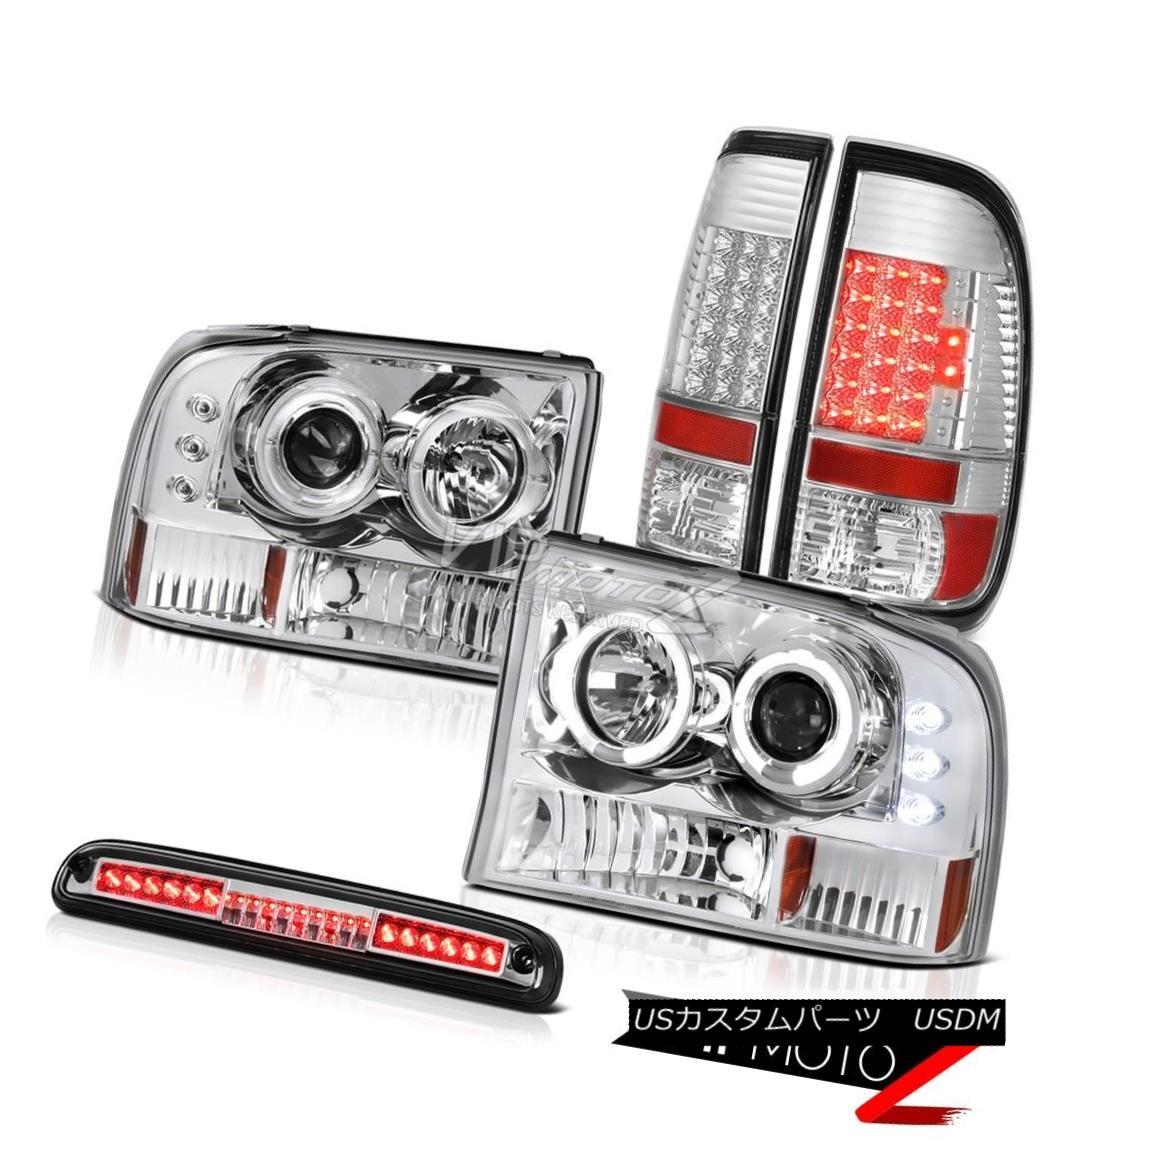 ヘッドライト 1999-2004 F350 6.8L Clear Angel Eye Headlights Chrome LED Taillights Roof Stop 1999-2004 F350 6.8LクリアエンジェルアイヘッドライトクロームLED曇り屋屋根